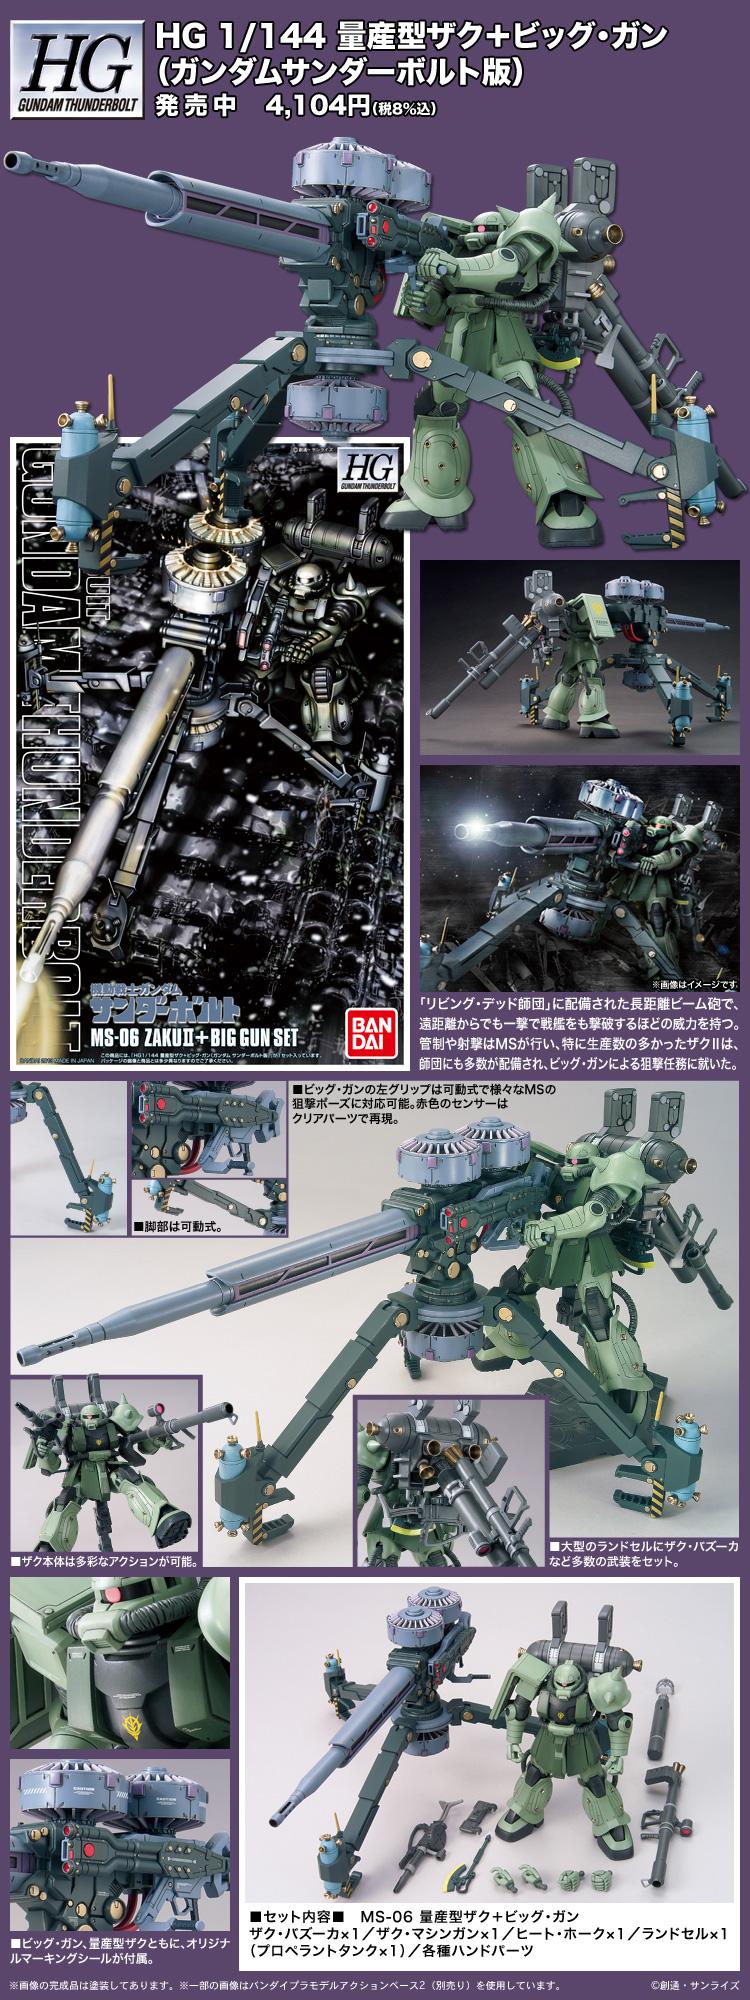 HG 1/144 MS-06 量産型ザク+ビッグ・ガン(ガンダム サンダーボルト版) 公式商品説明(画像)